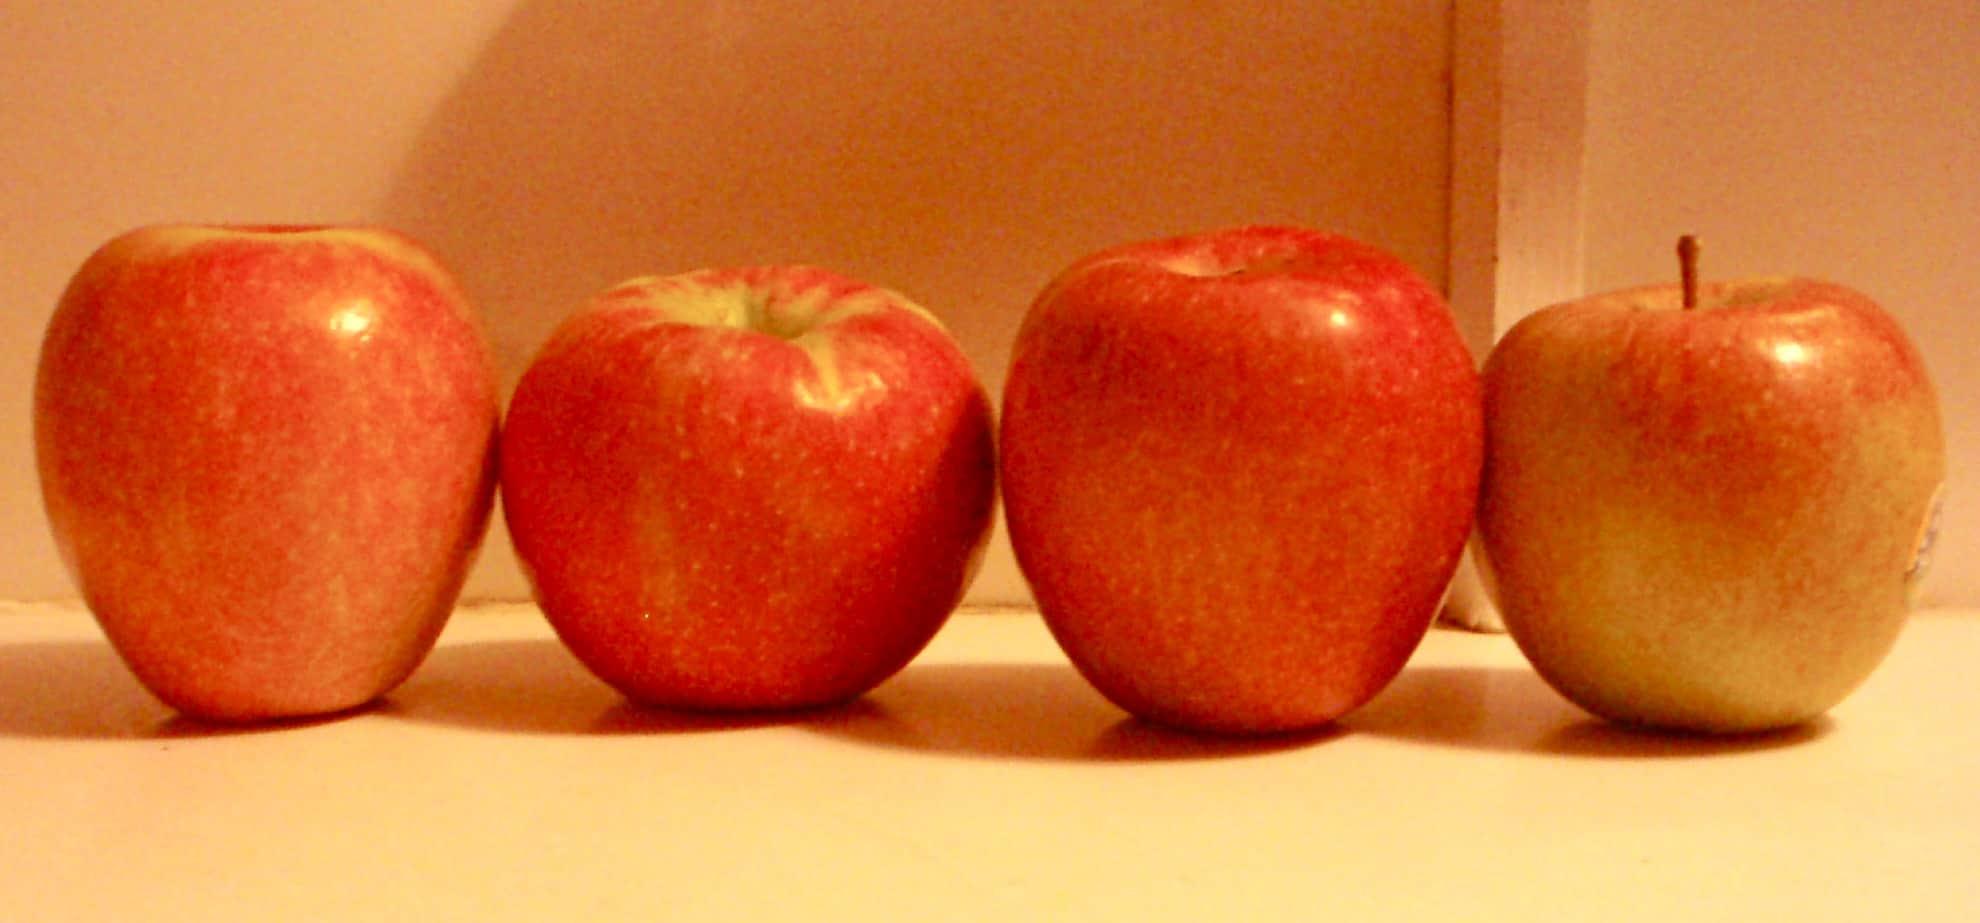 Spicy Apple Chutney